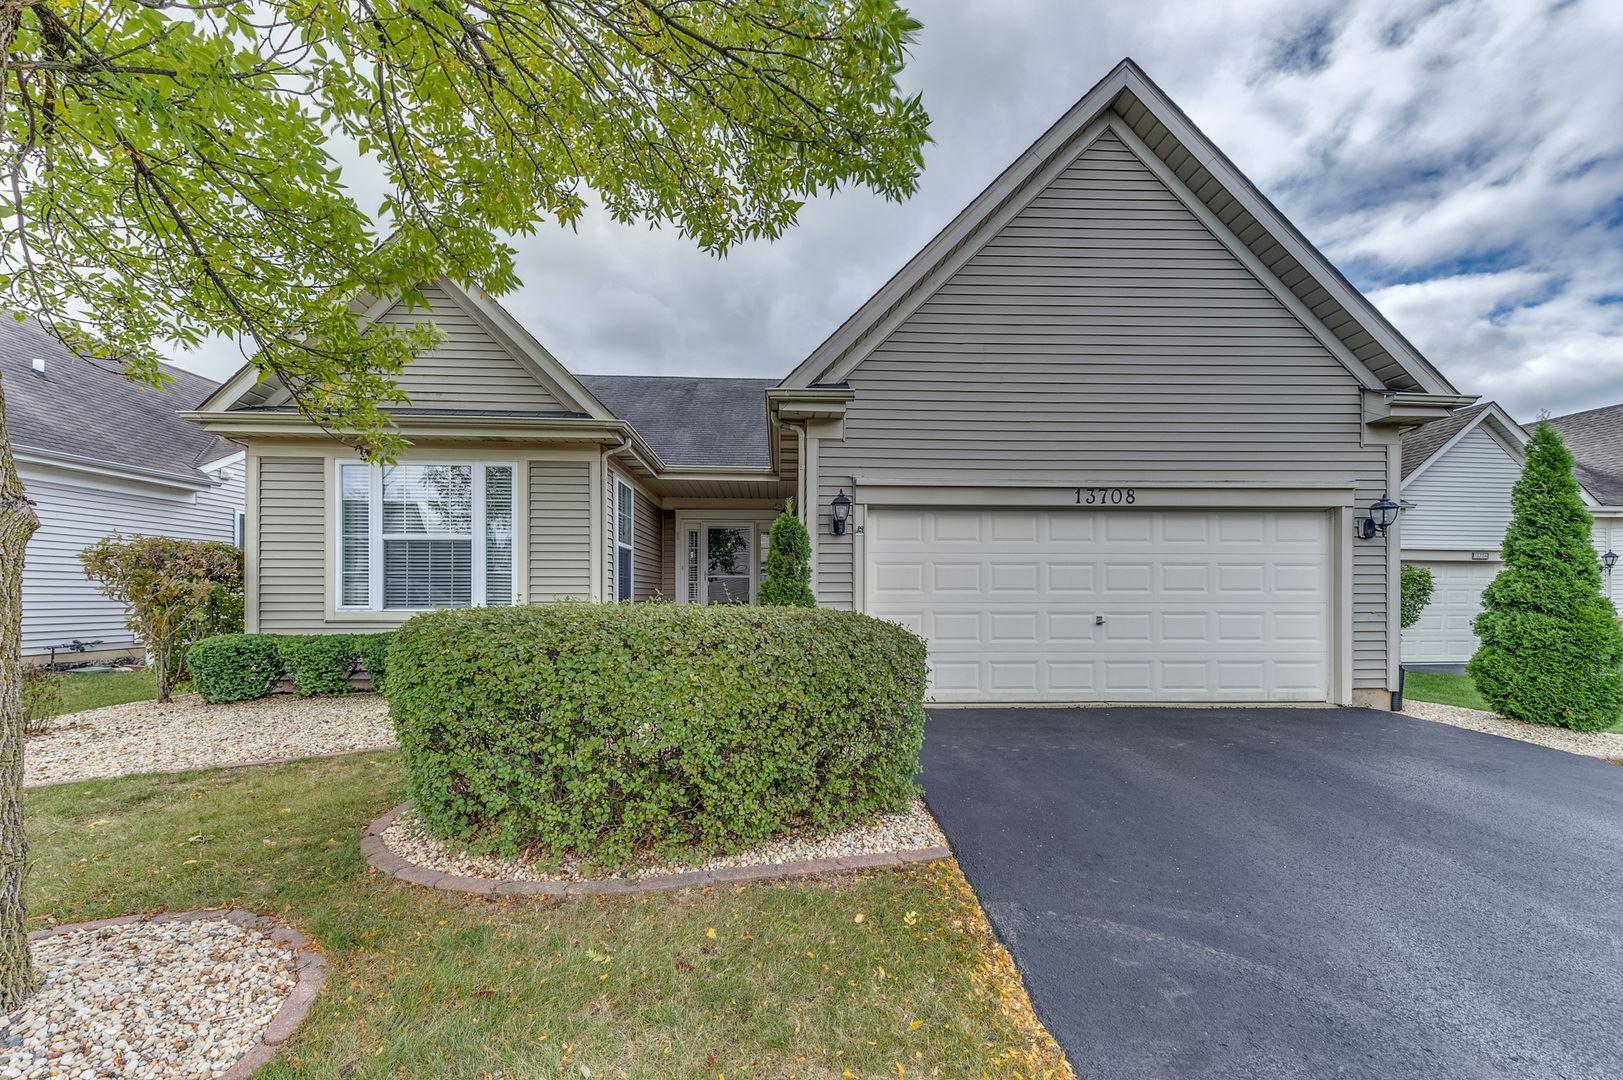 13708 S Redbud Drive, Plainfield, IL 60544 - #: 10893884